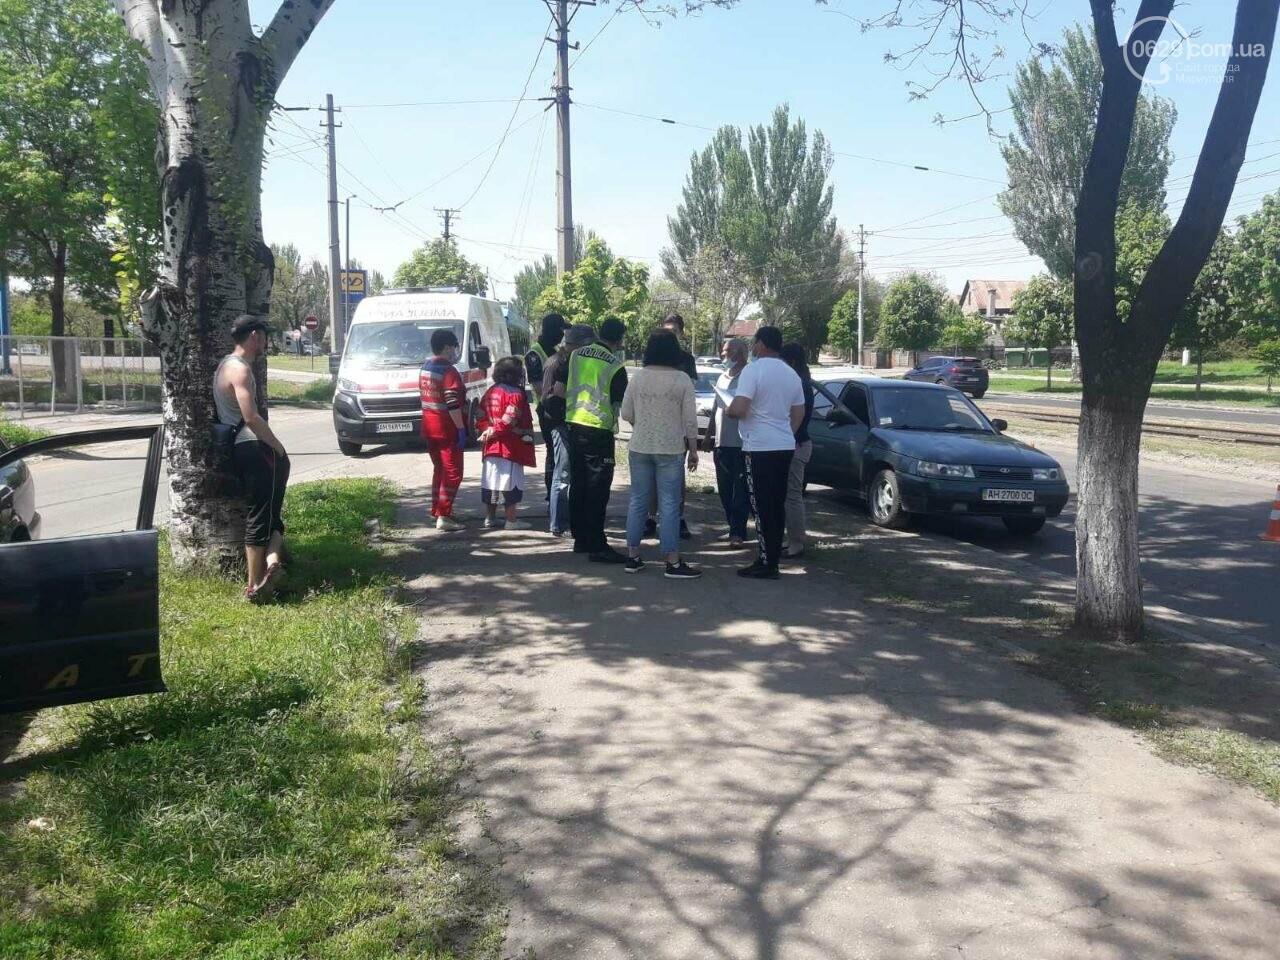 """В 11 раз больше! В Мариуполе пьяный водитель """"Жигули"""" протаранил 3 автомобиля, - ФОТО, фото-2"""